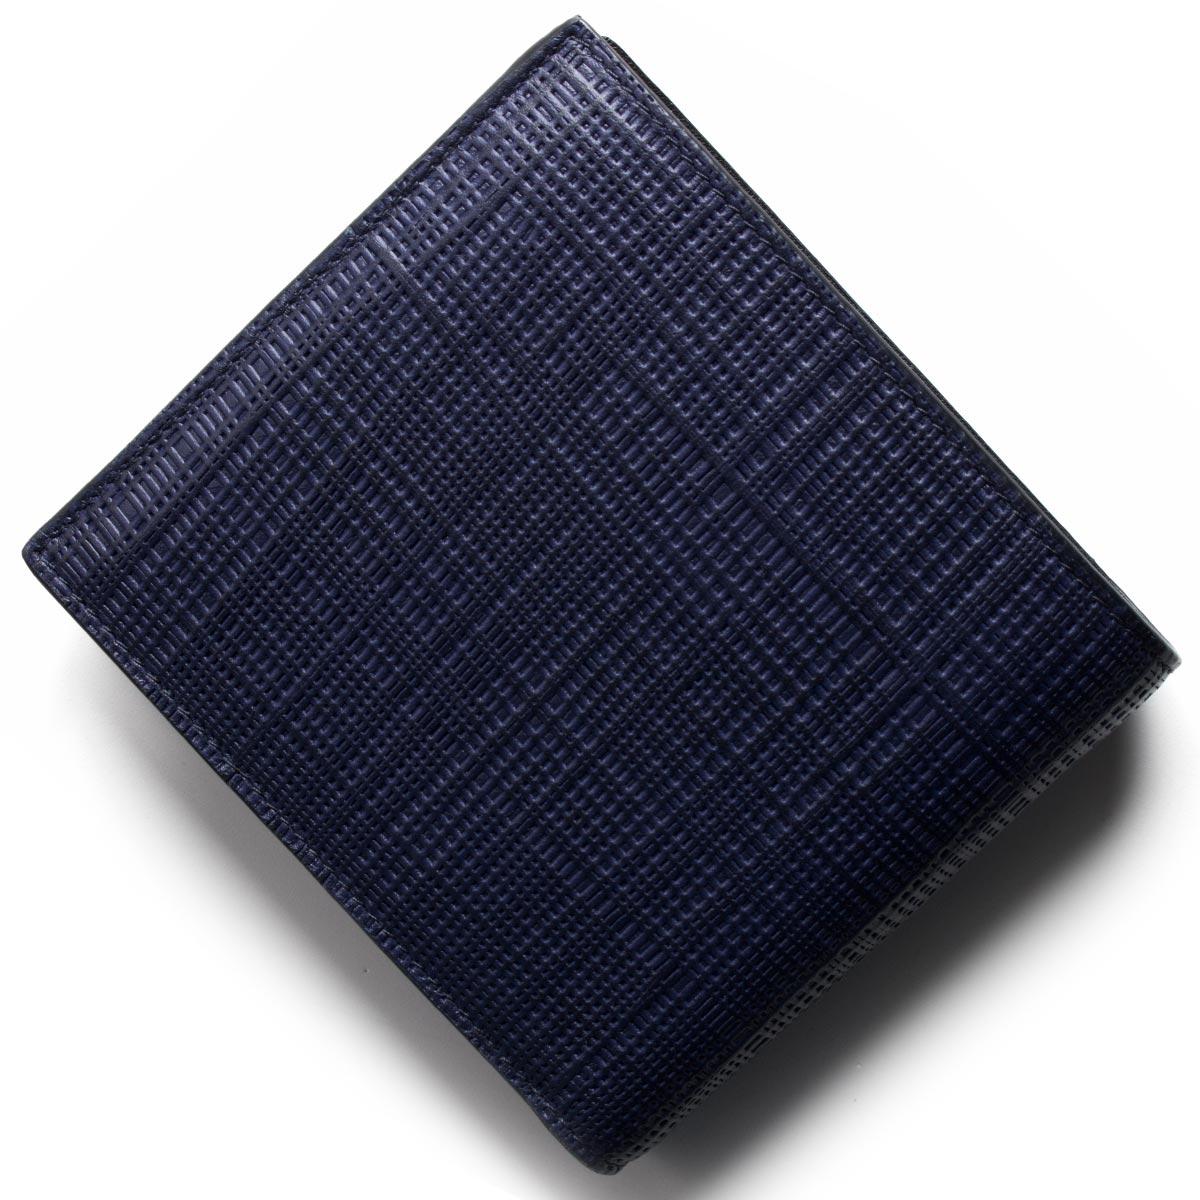 ロエベ 二つ折り財布 財布 メンズ リネン ネイビーブルー 101 501 88 5110 LOEWEOZTlwikXuP